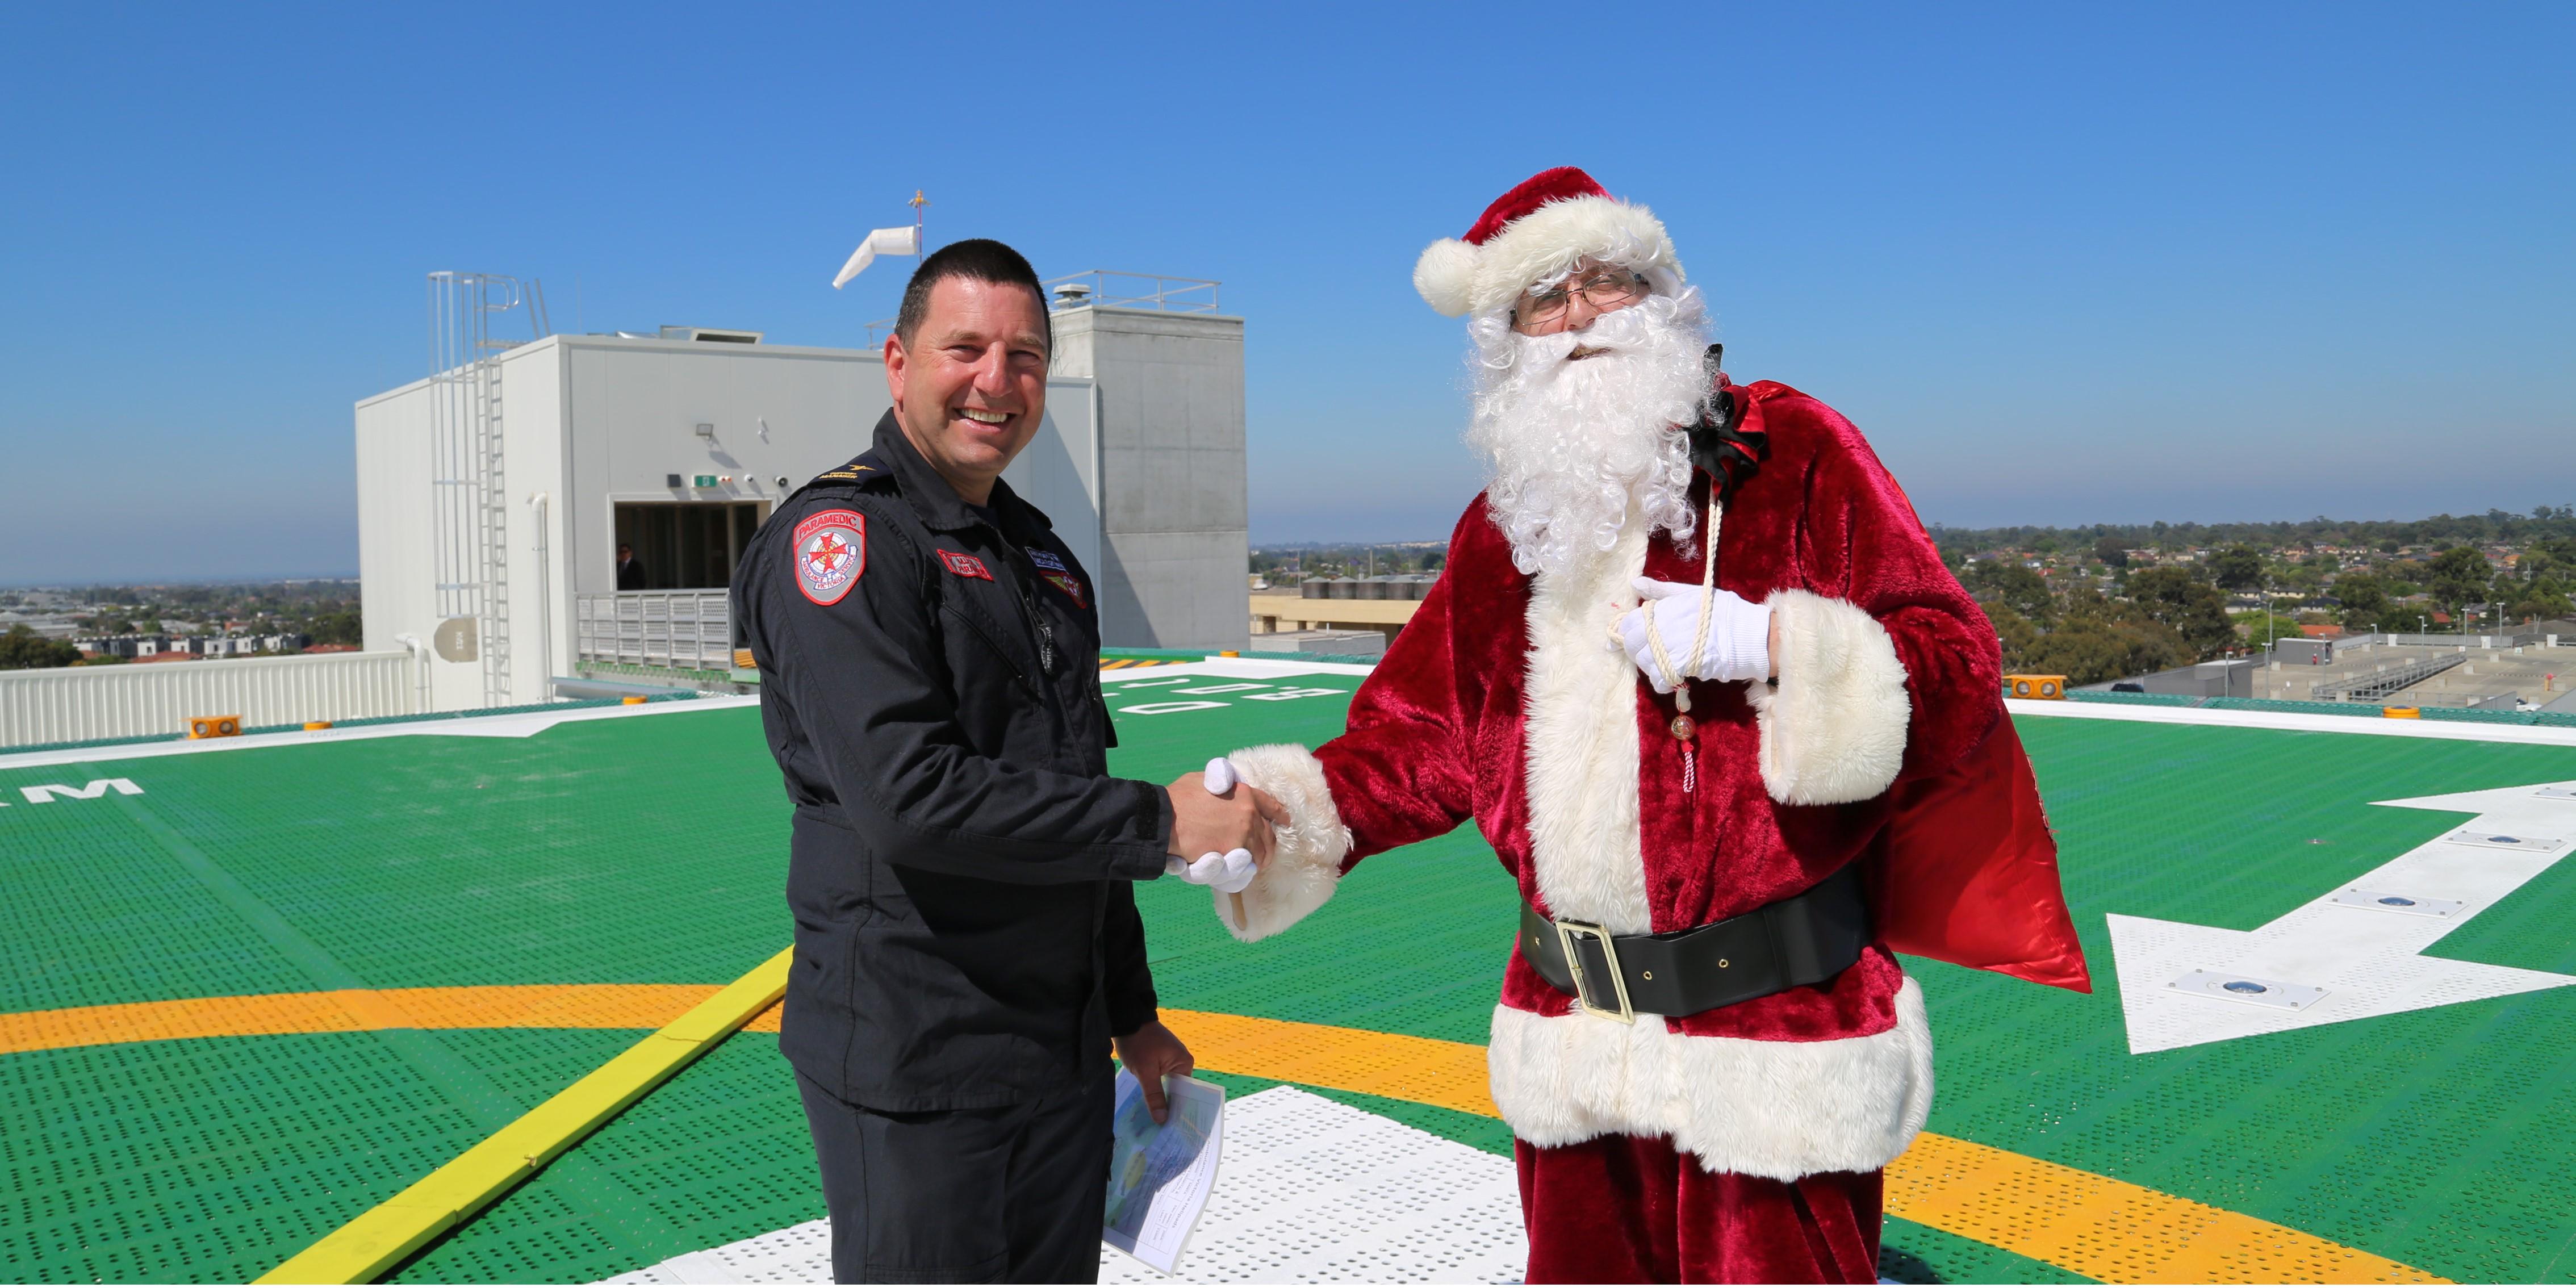 santa-helipad-1_santa-and-ambulance-vic-visit-helipad-inews